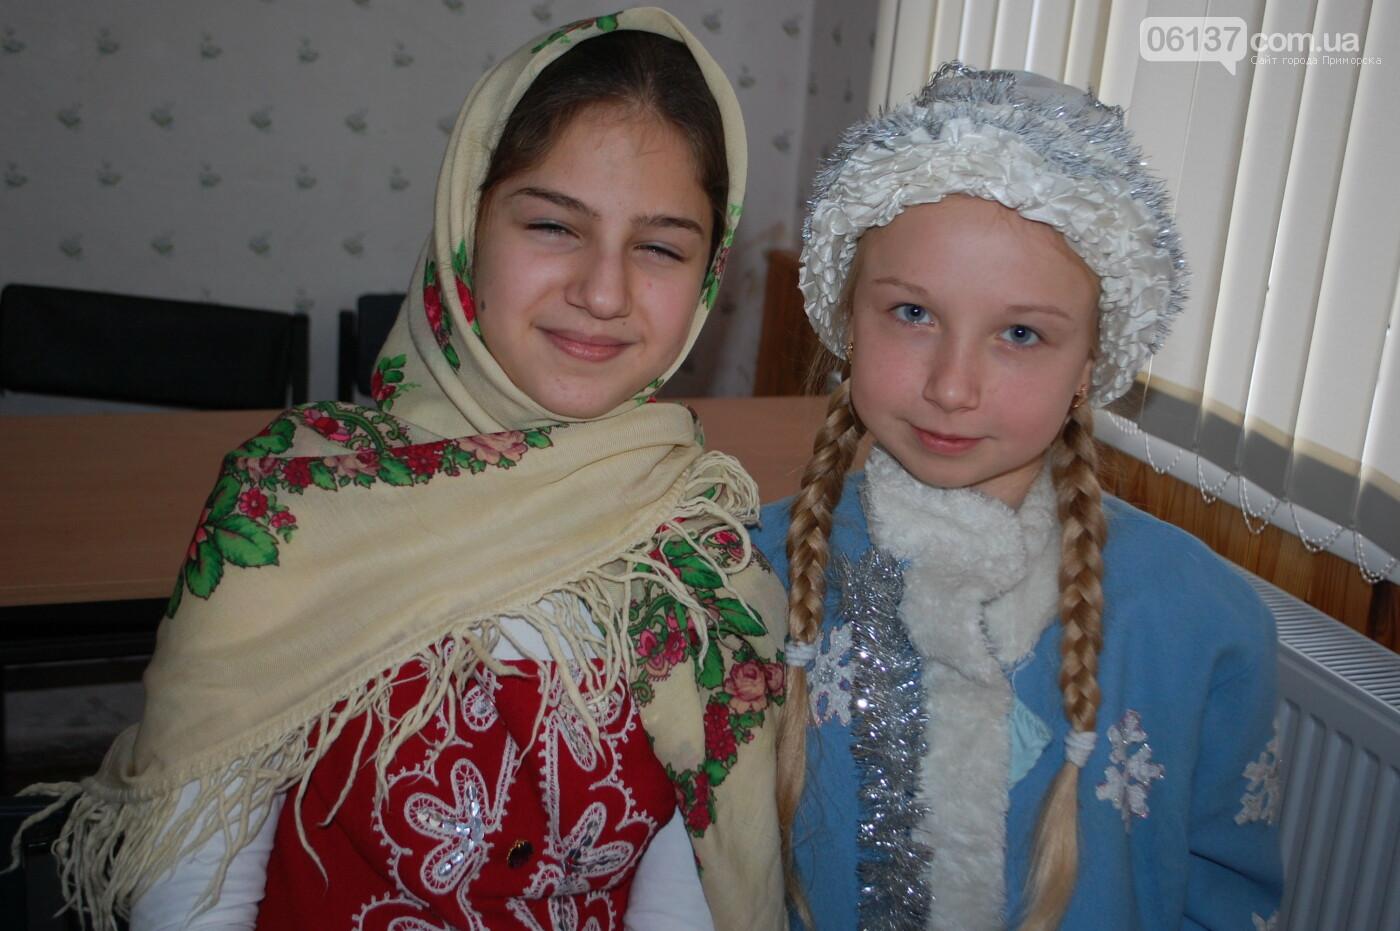 Прекрасна Снігуронька в дитячих серцях та творчості, фото-3